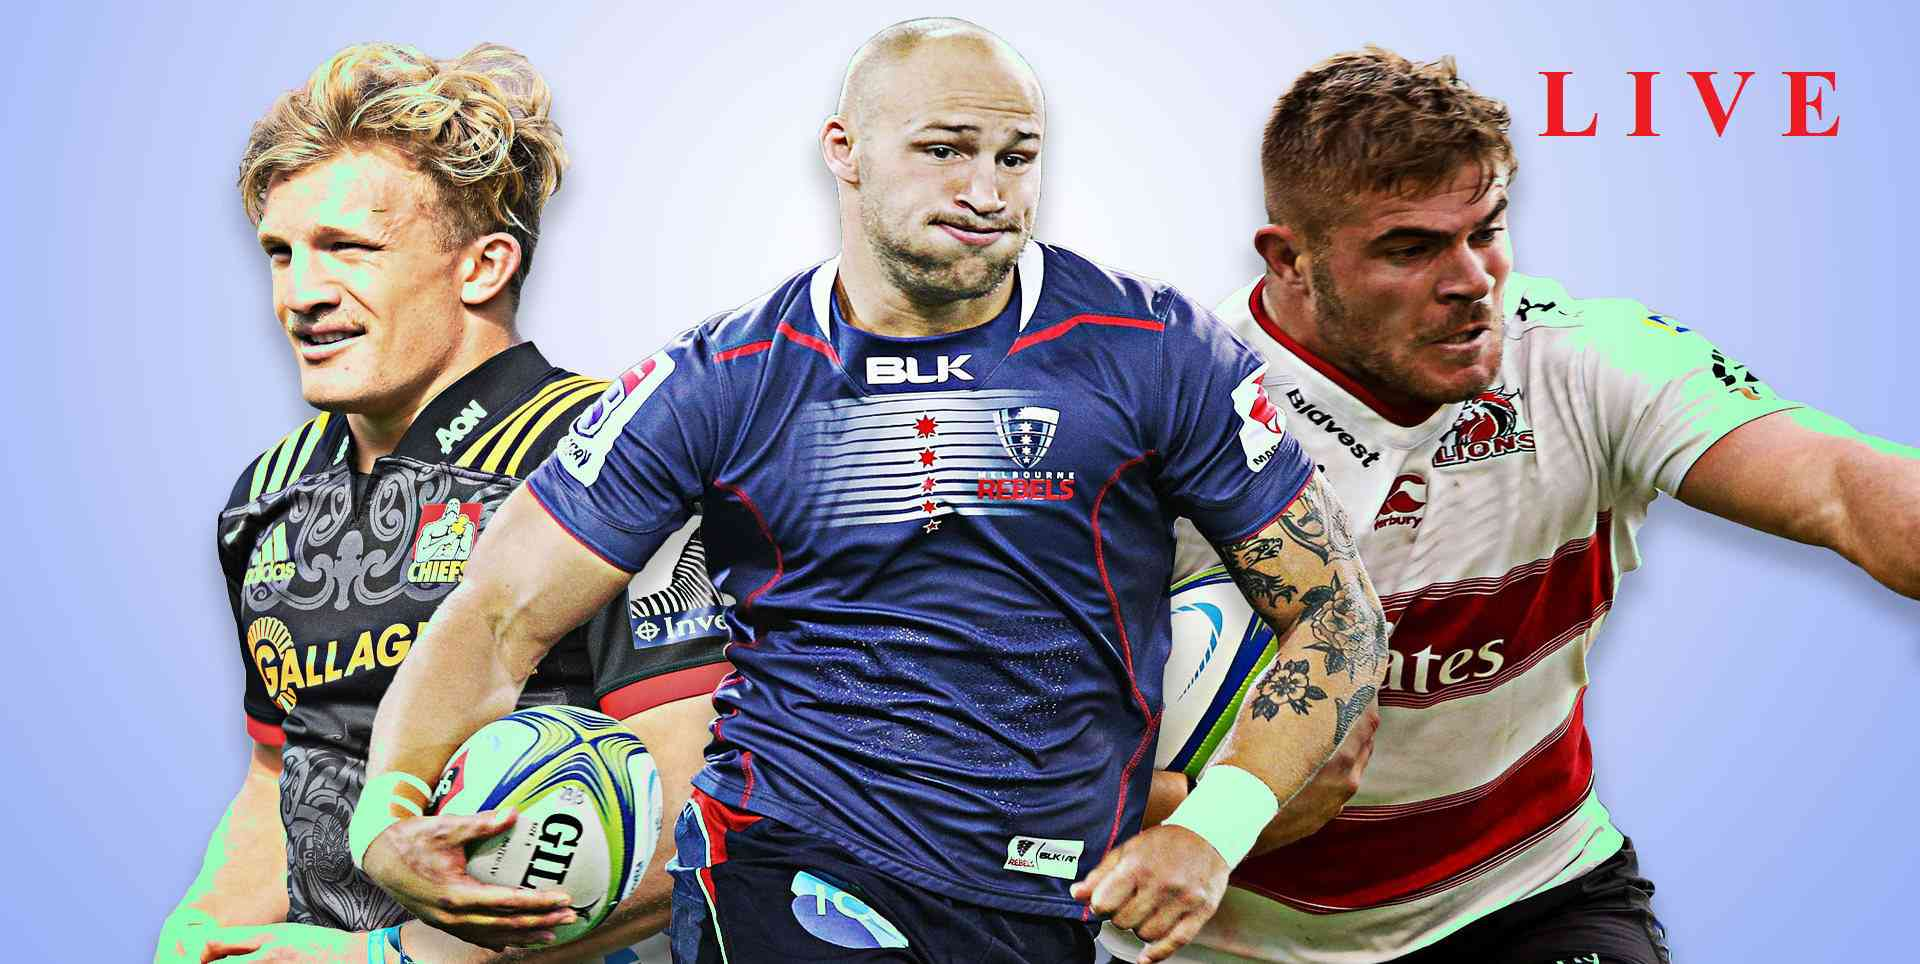 live-harlequins-vs-bath-rugby-online